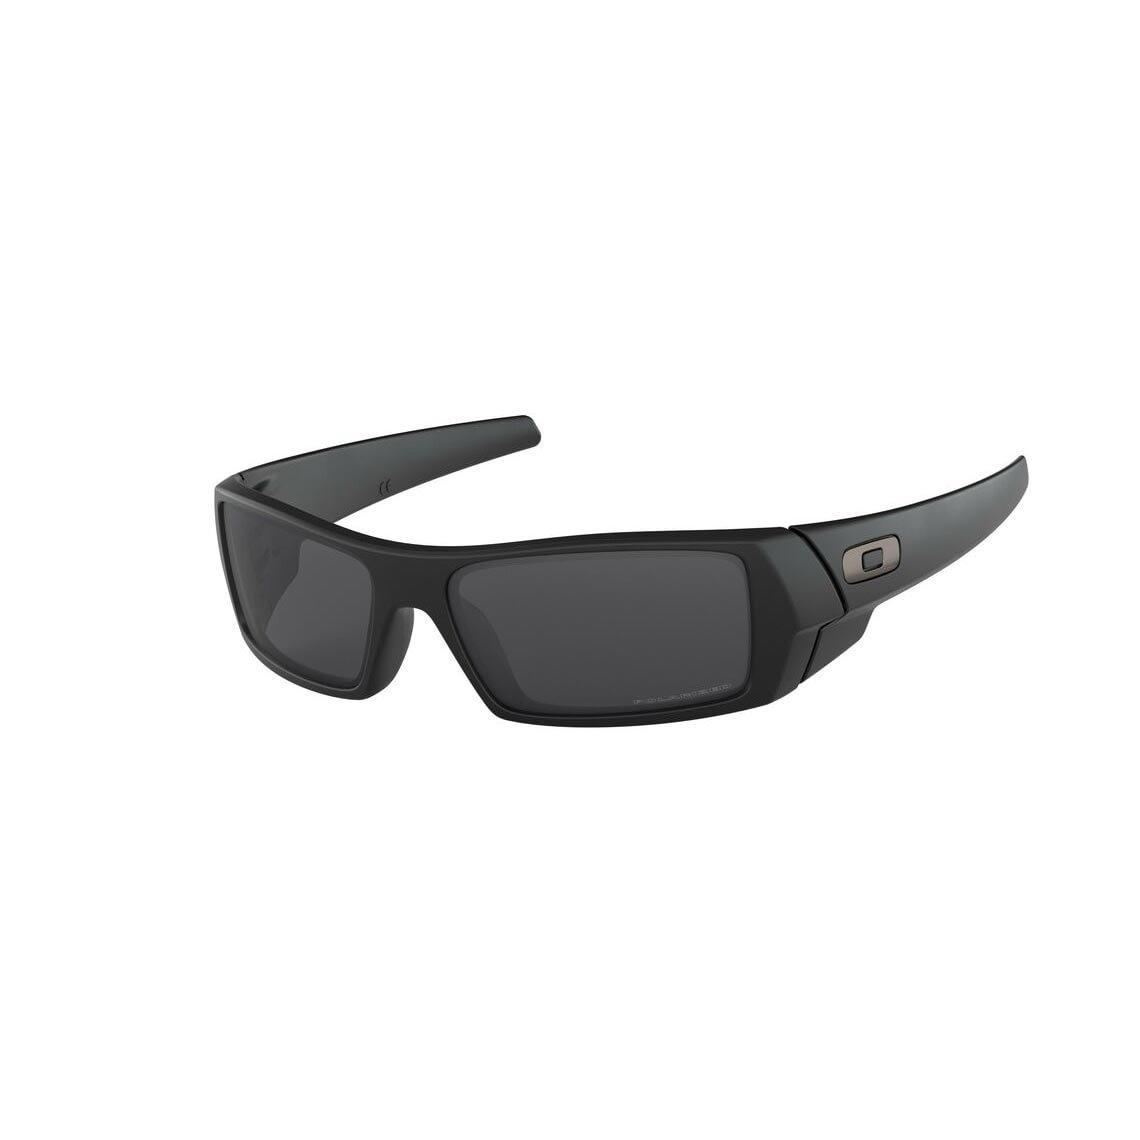 Oakley Gascan Grey Polarized OO9014 11-122